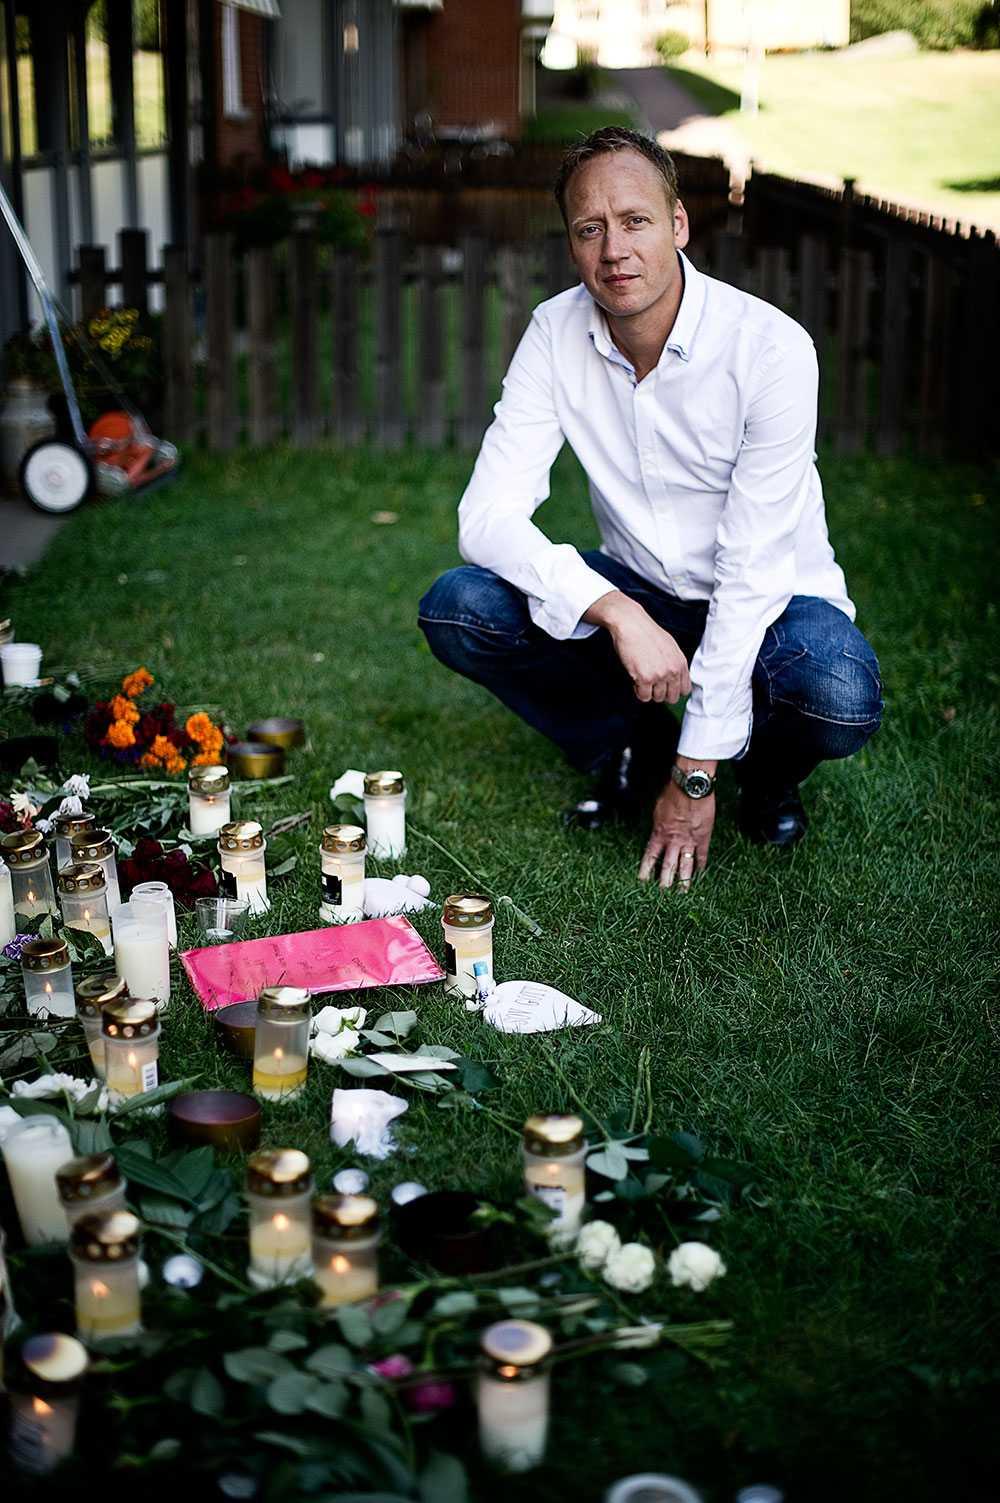 Jens bror Mikael Myringby vid minnesblommor och ljus.